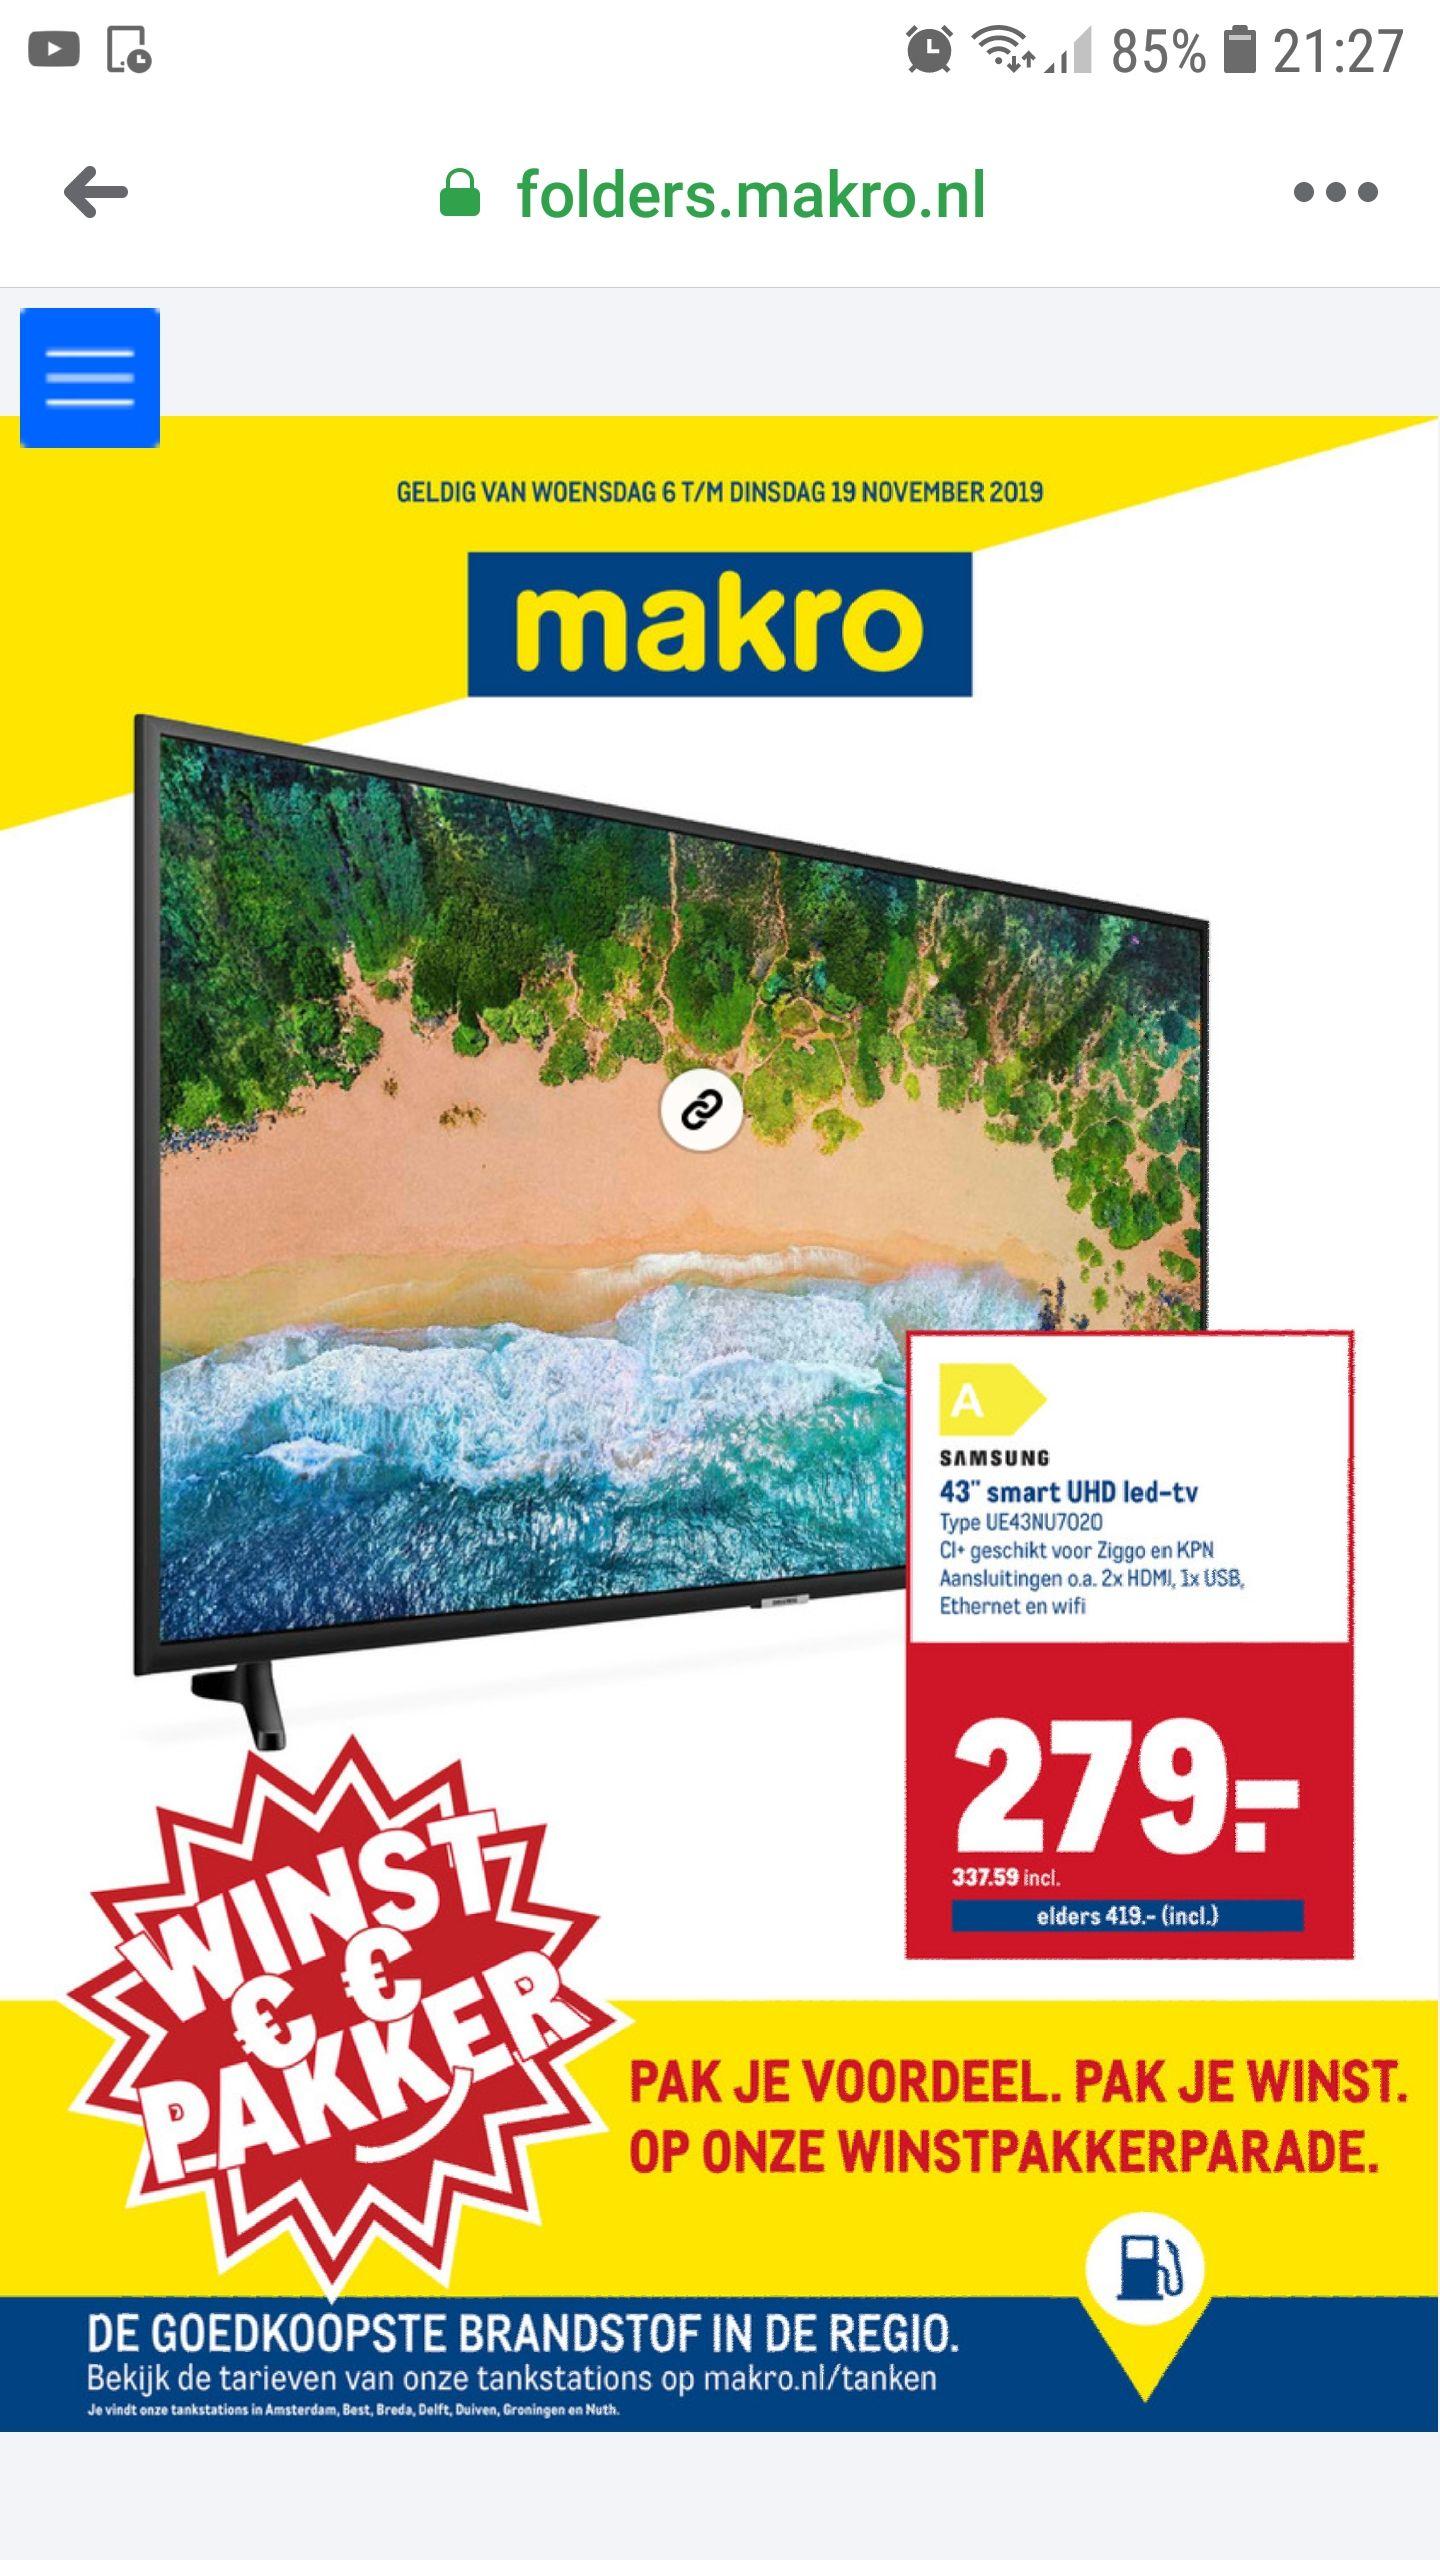 voordelige smart tv / 4k samsung phillips bij de Makro